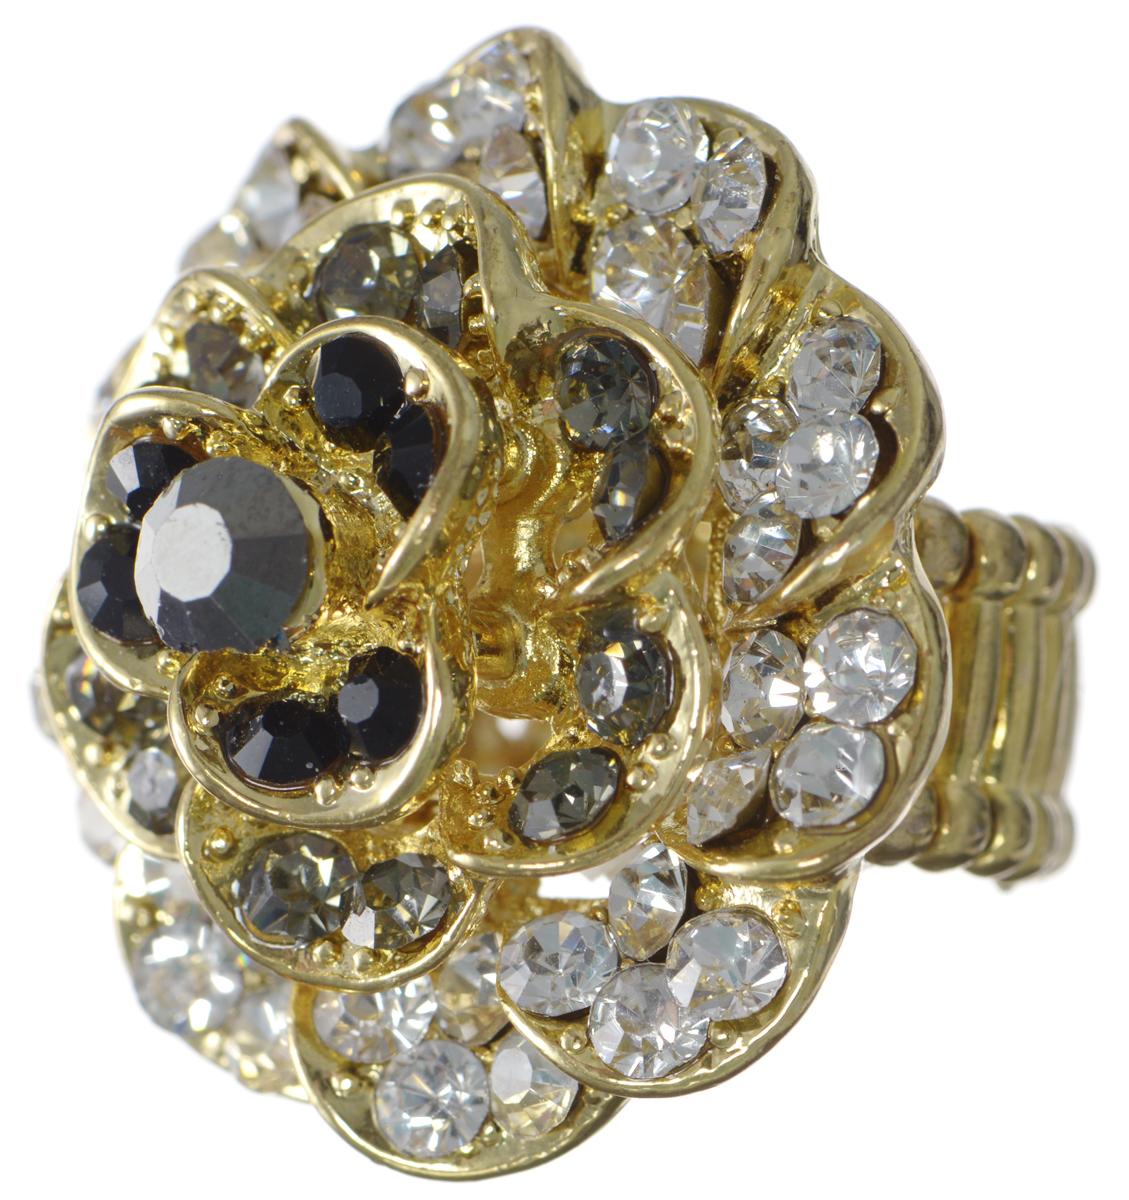 Кольцо Taya, цвет: золотой, черный, белый. T-B-7319T-B-7319-RING-BK.WHITEКольцо современного дизайна Taya выполнено из металлического сплава и дополнено оригинальным декоративным элементом в виде розы. Благодаря эластичной основе изделие легко надевать. Кольцо Taya поможет дополнить любой образ и привнести в него завершающий яркий штрих.